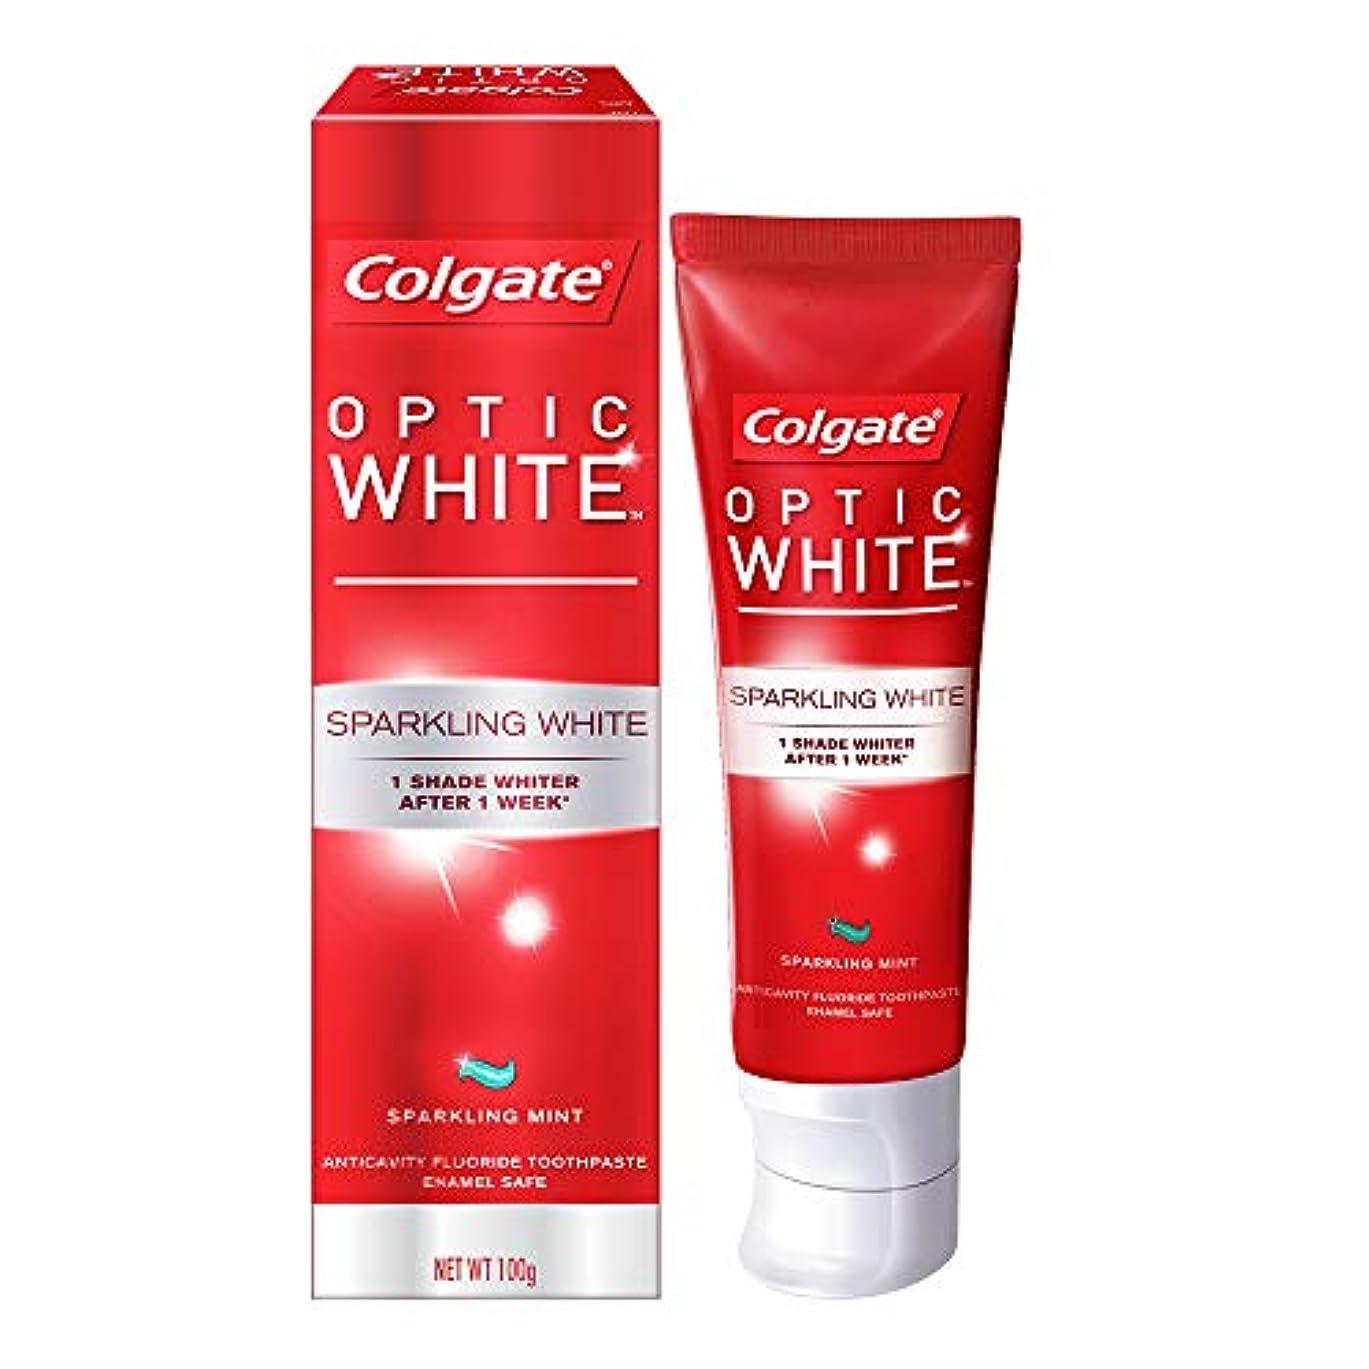 消す日記アクチュエータコールゲート オプティック ホワイト スパークリングシャイン 100g 歯磨き粉 Colgate Optic White Sparkling Shine 100g Tooth Paste